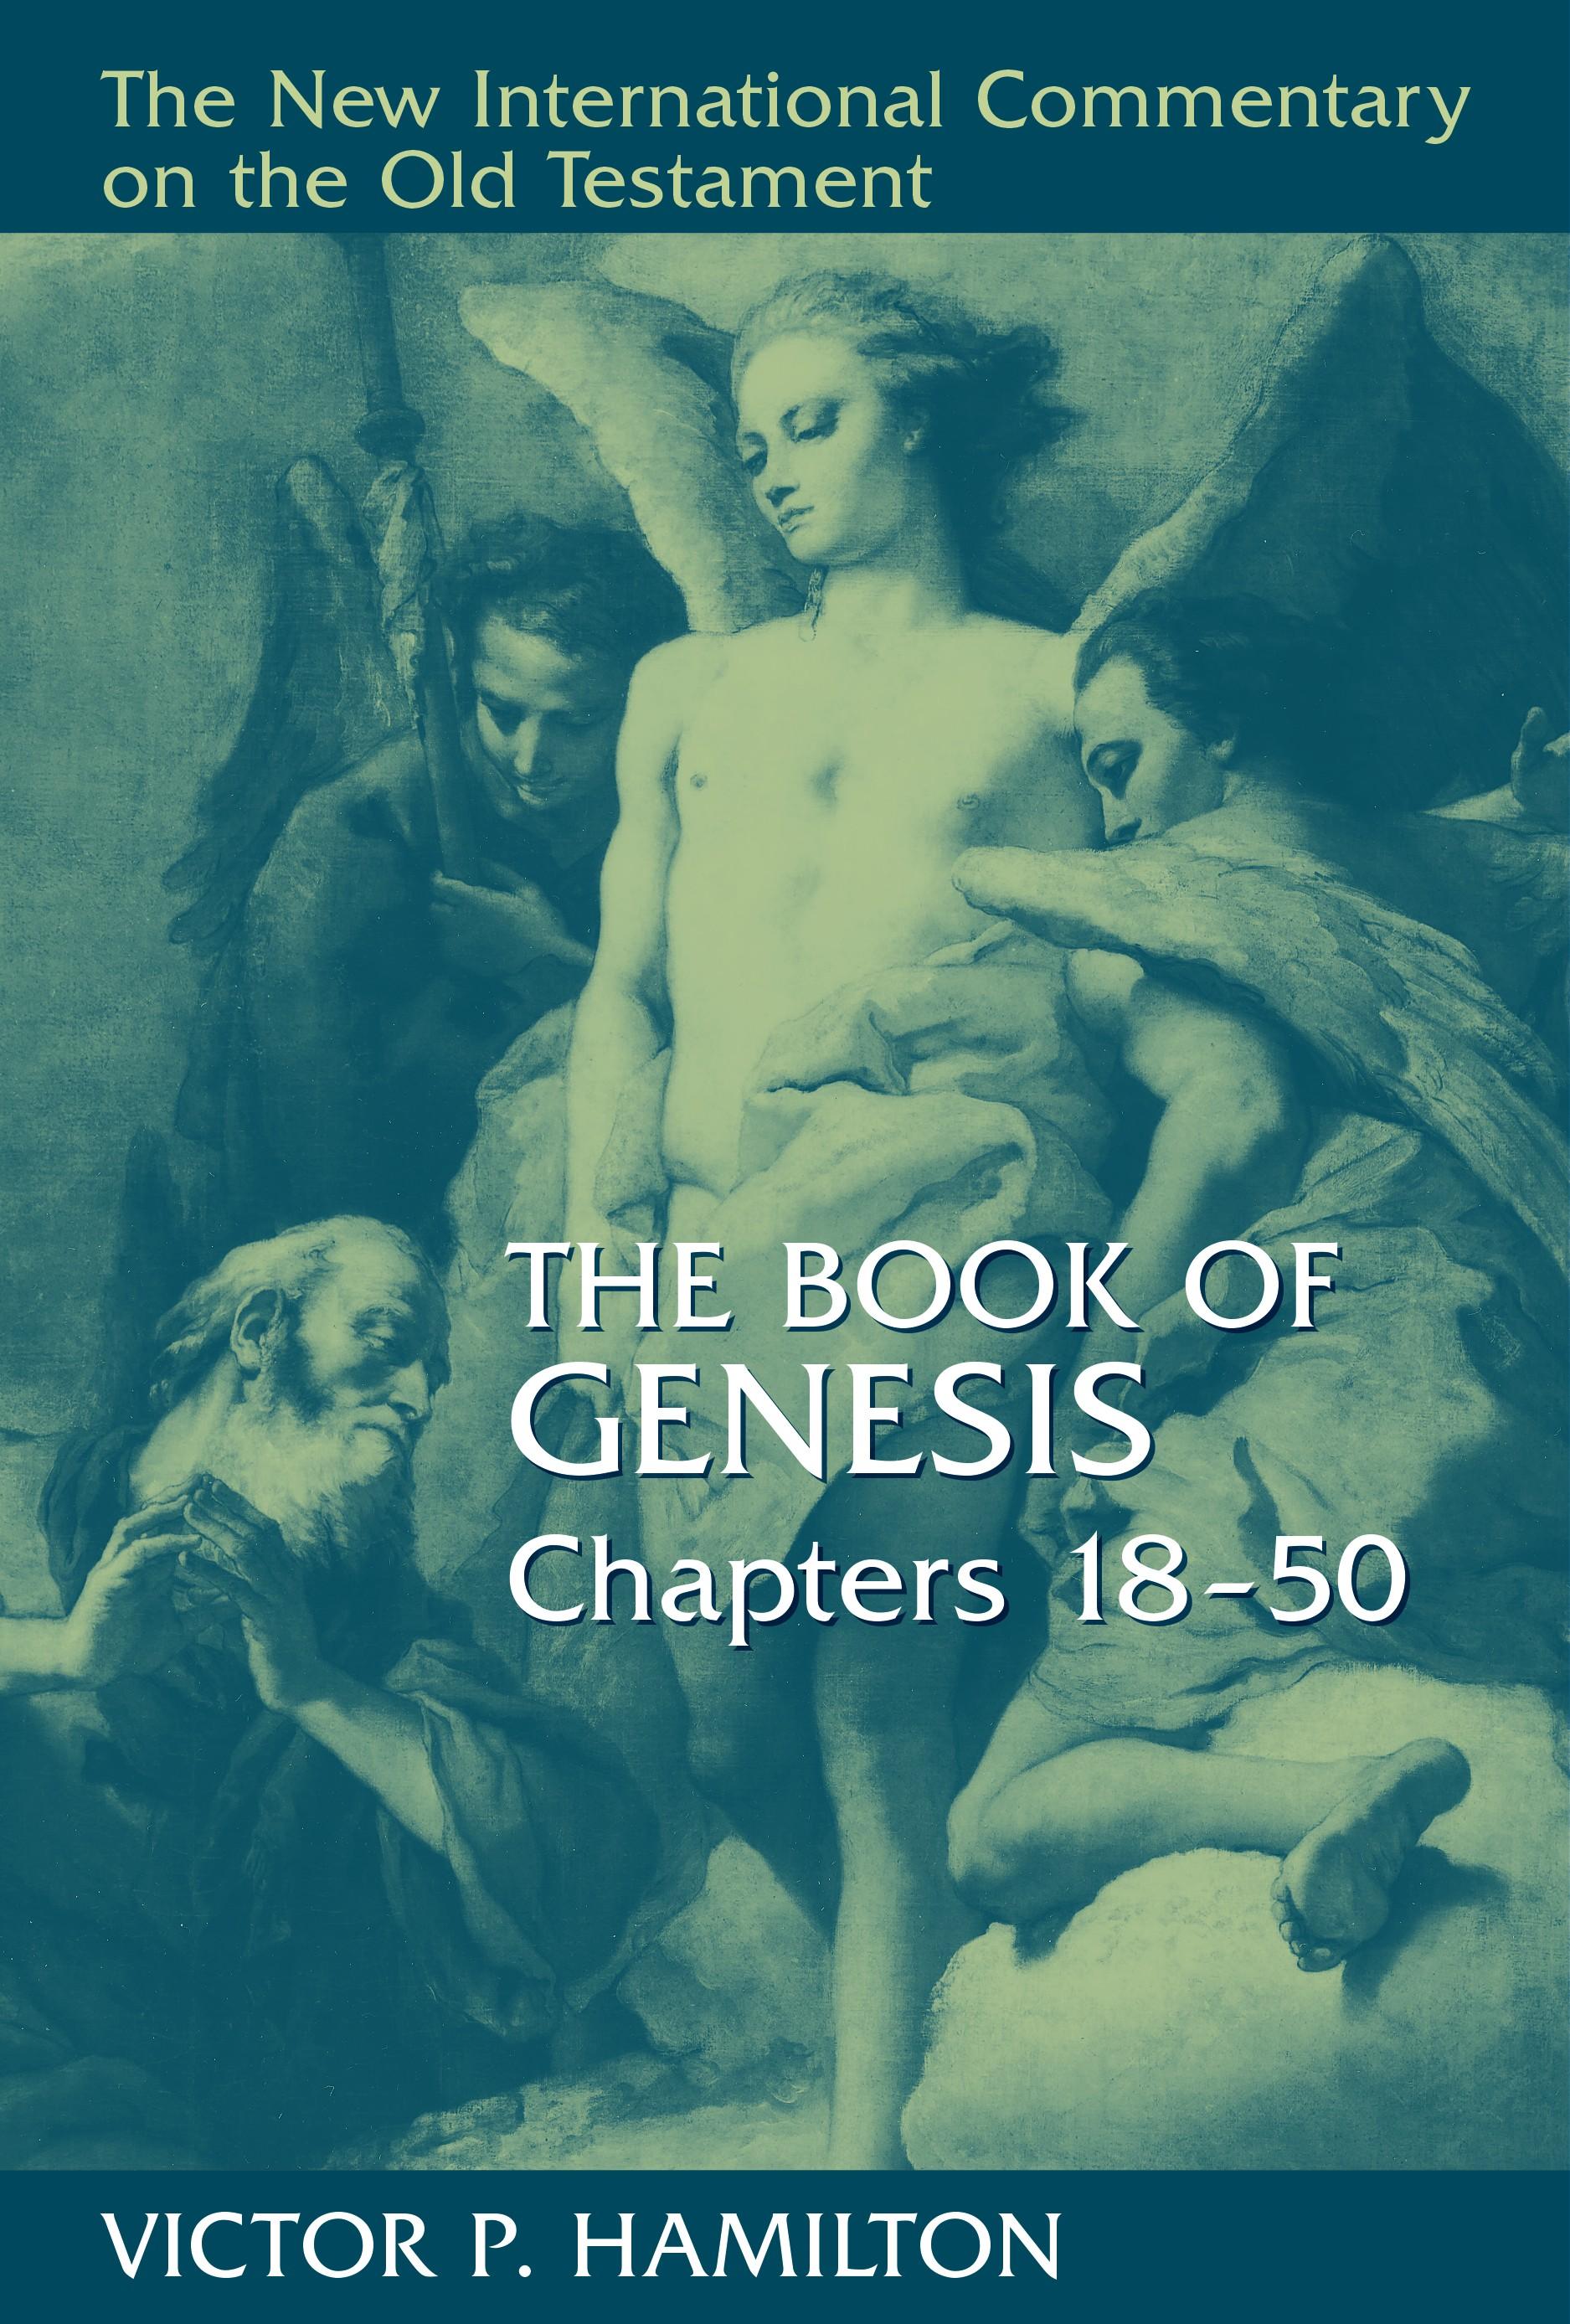 Genesis chapter 1 catholic commentary